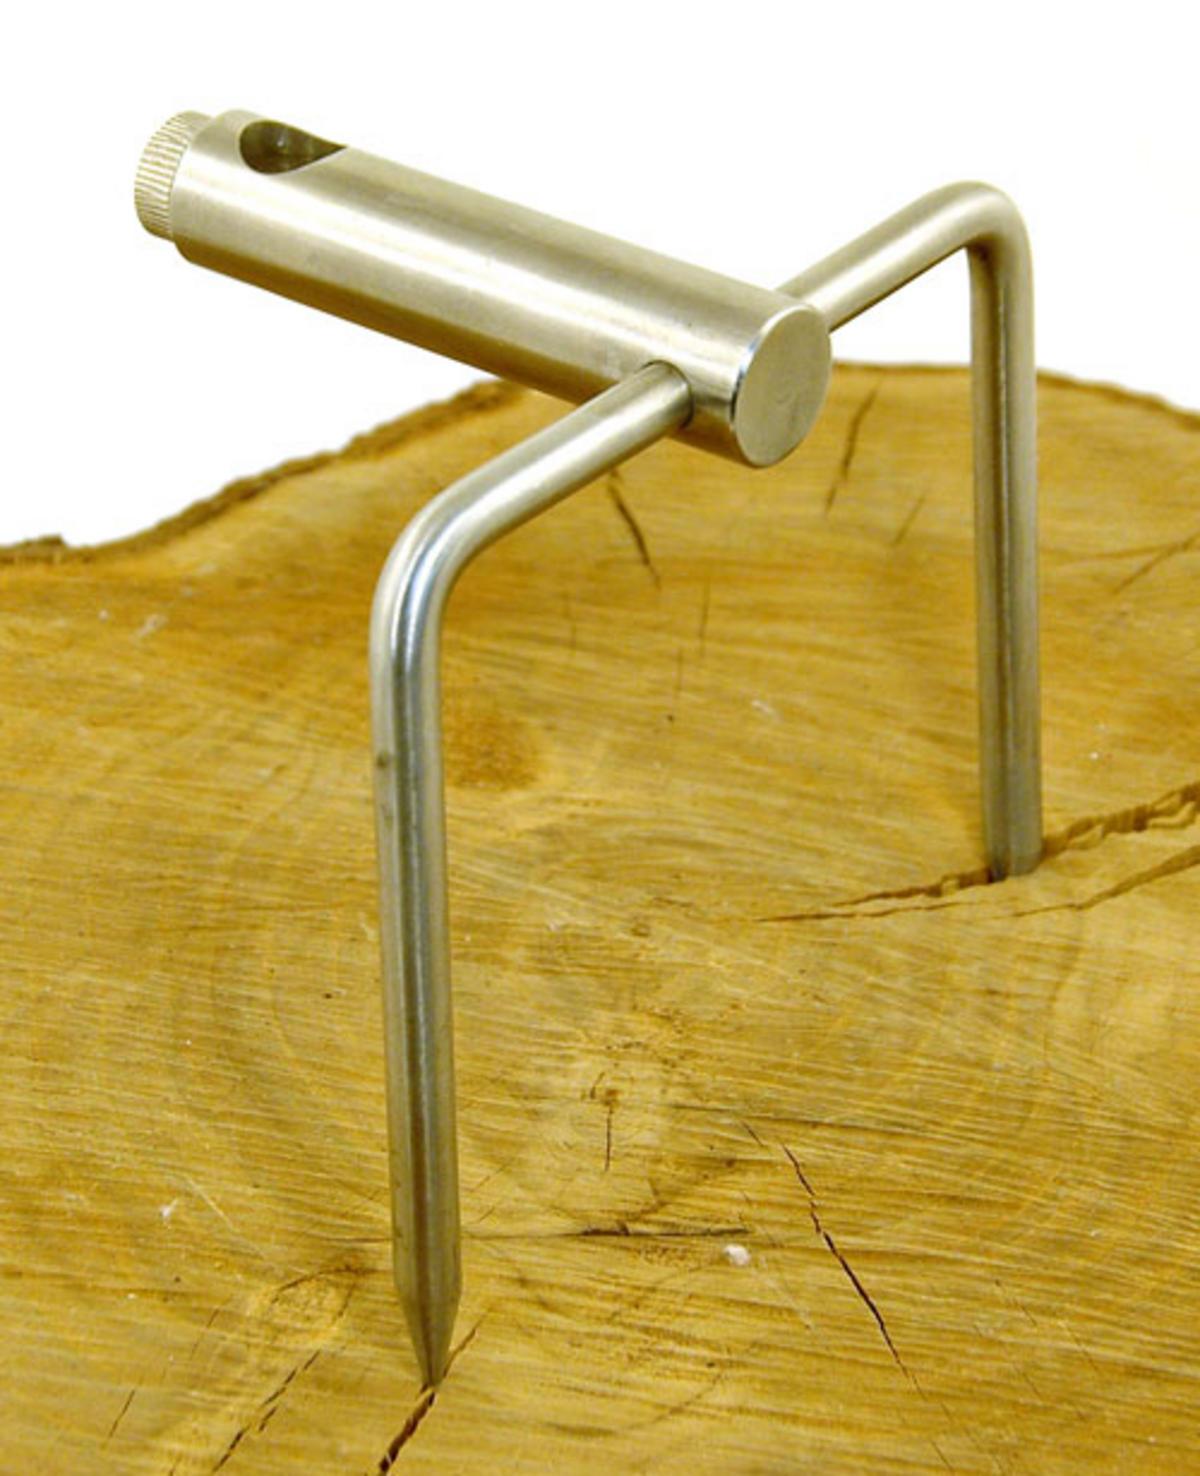 BISON STAINLESS STEEL 2 LEG BANKSTICK STABILIZER